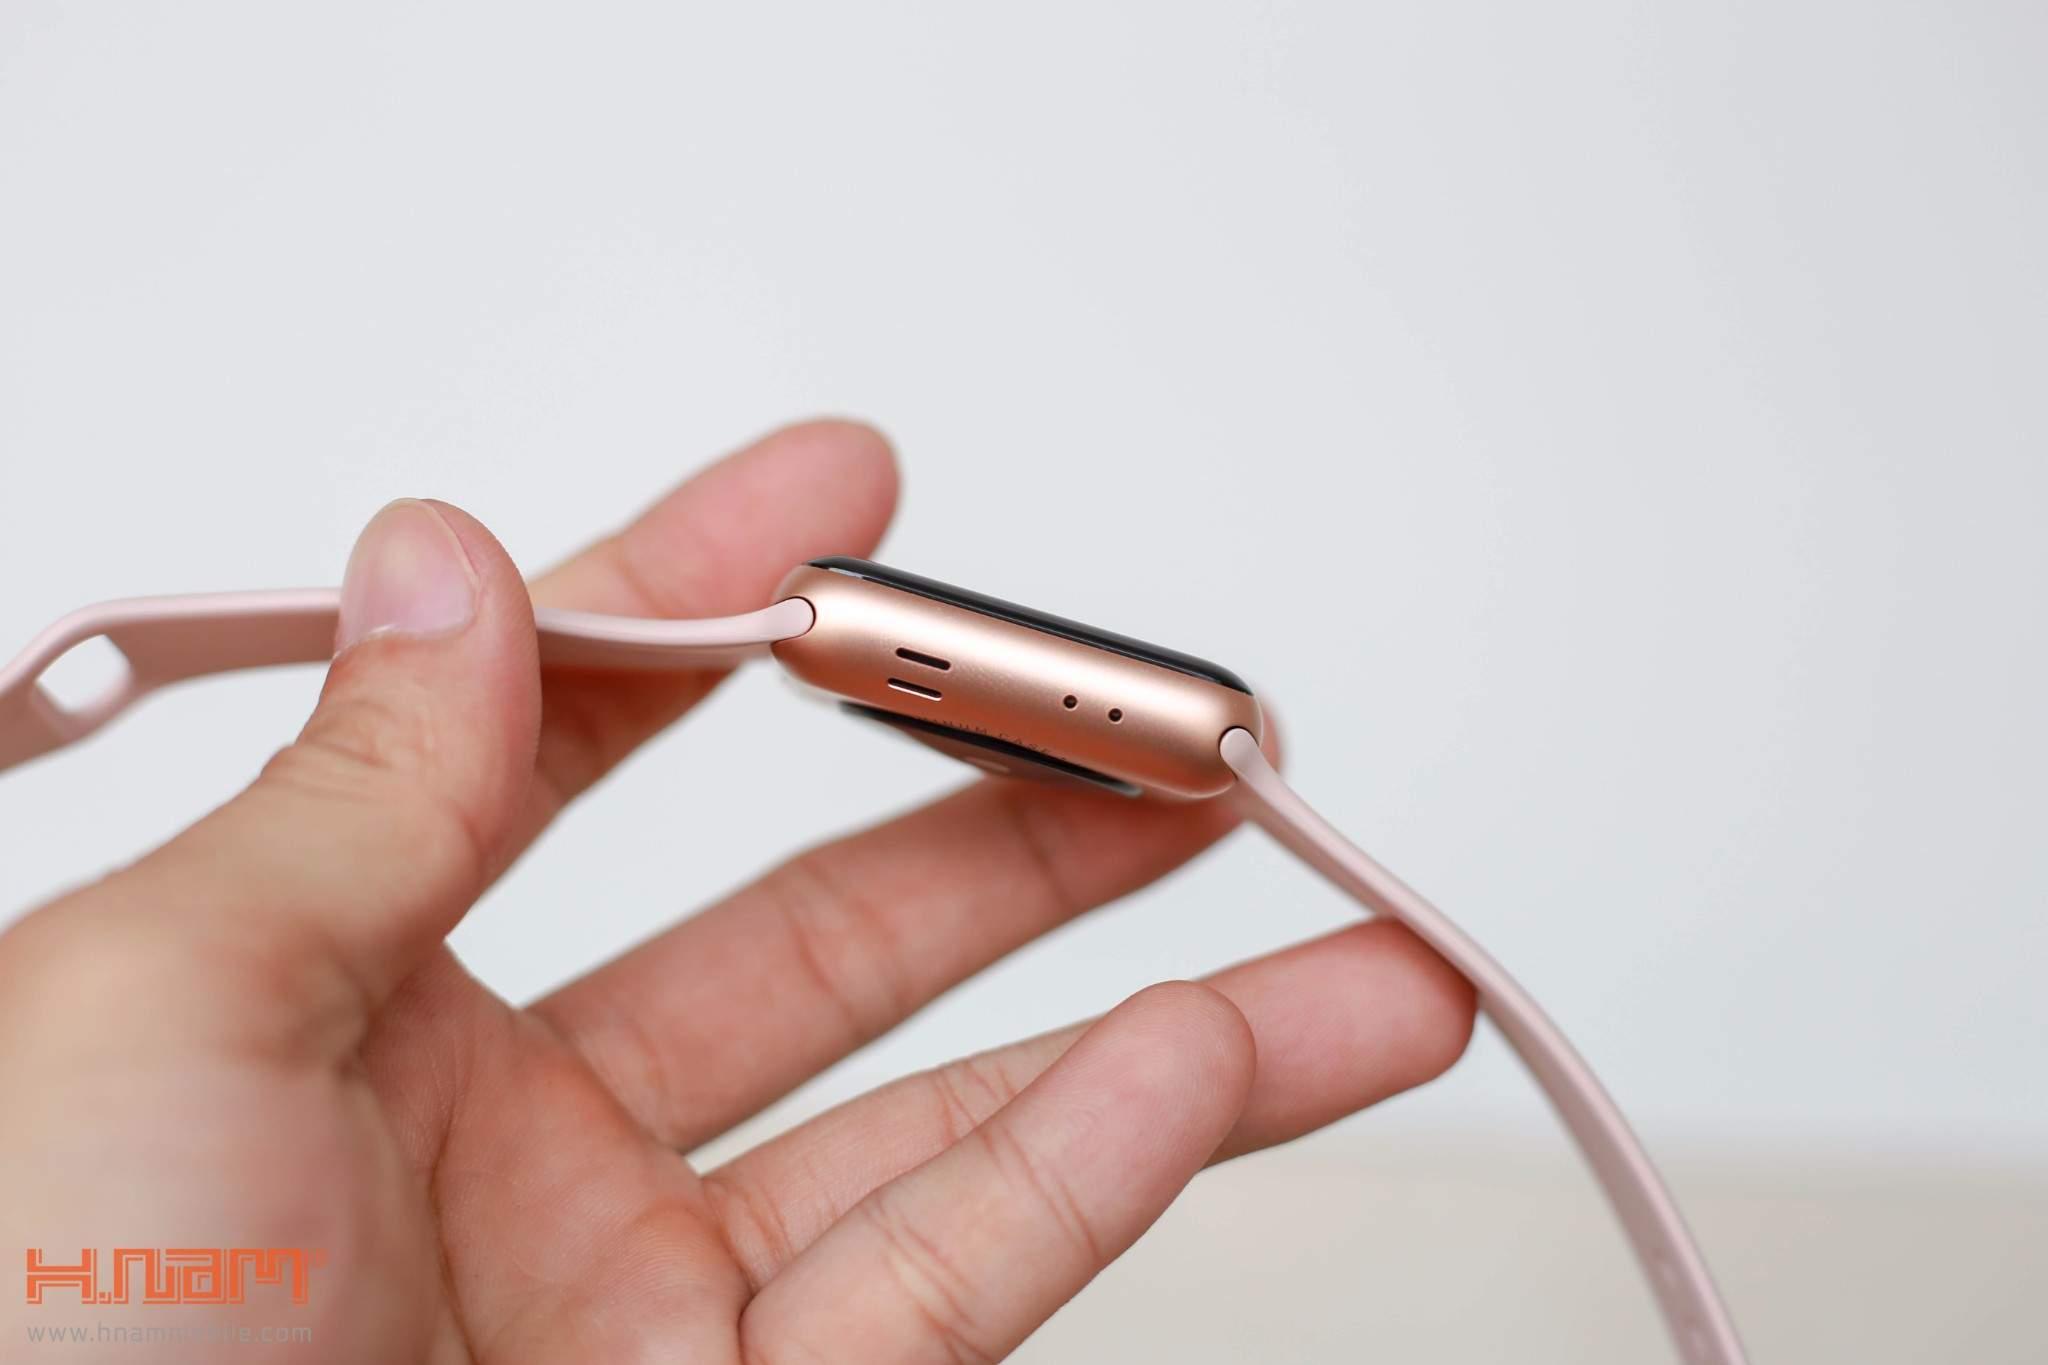 Apple Watch Series 3 Cellular 42mm Gray Aluminum Case- MQK22 ( Trôi bảo hành , chưa Active) hình sản phẩm 3